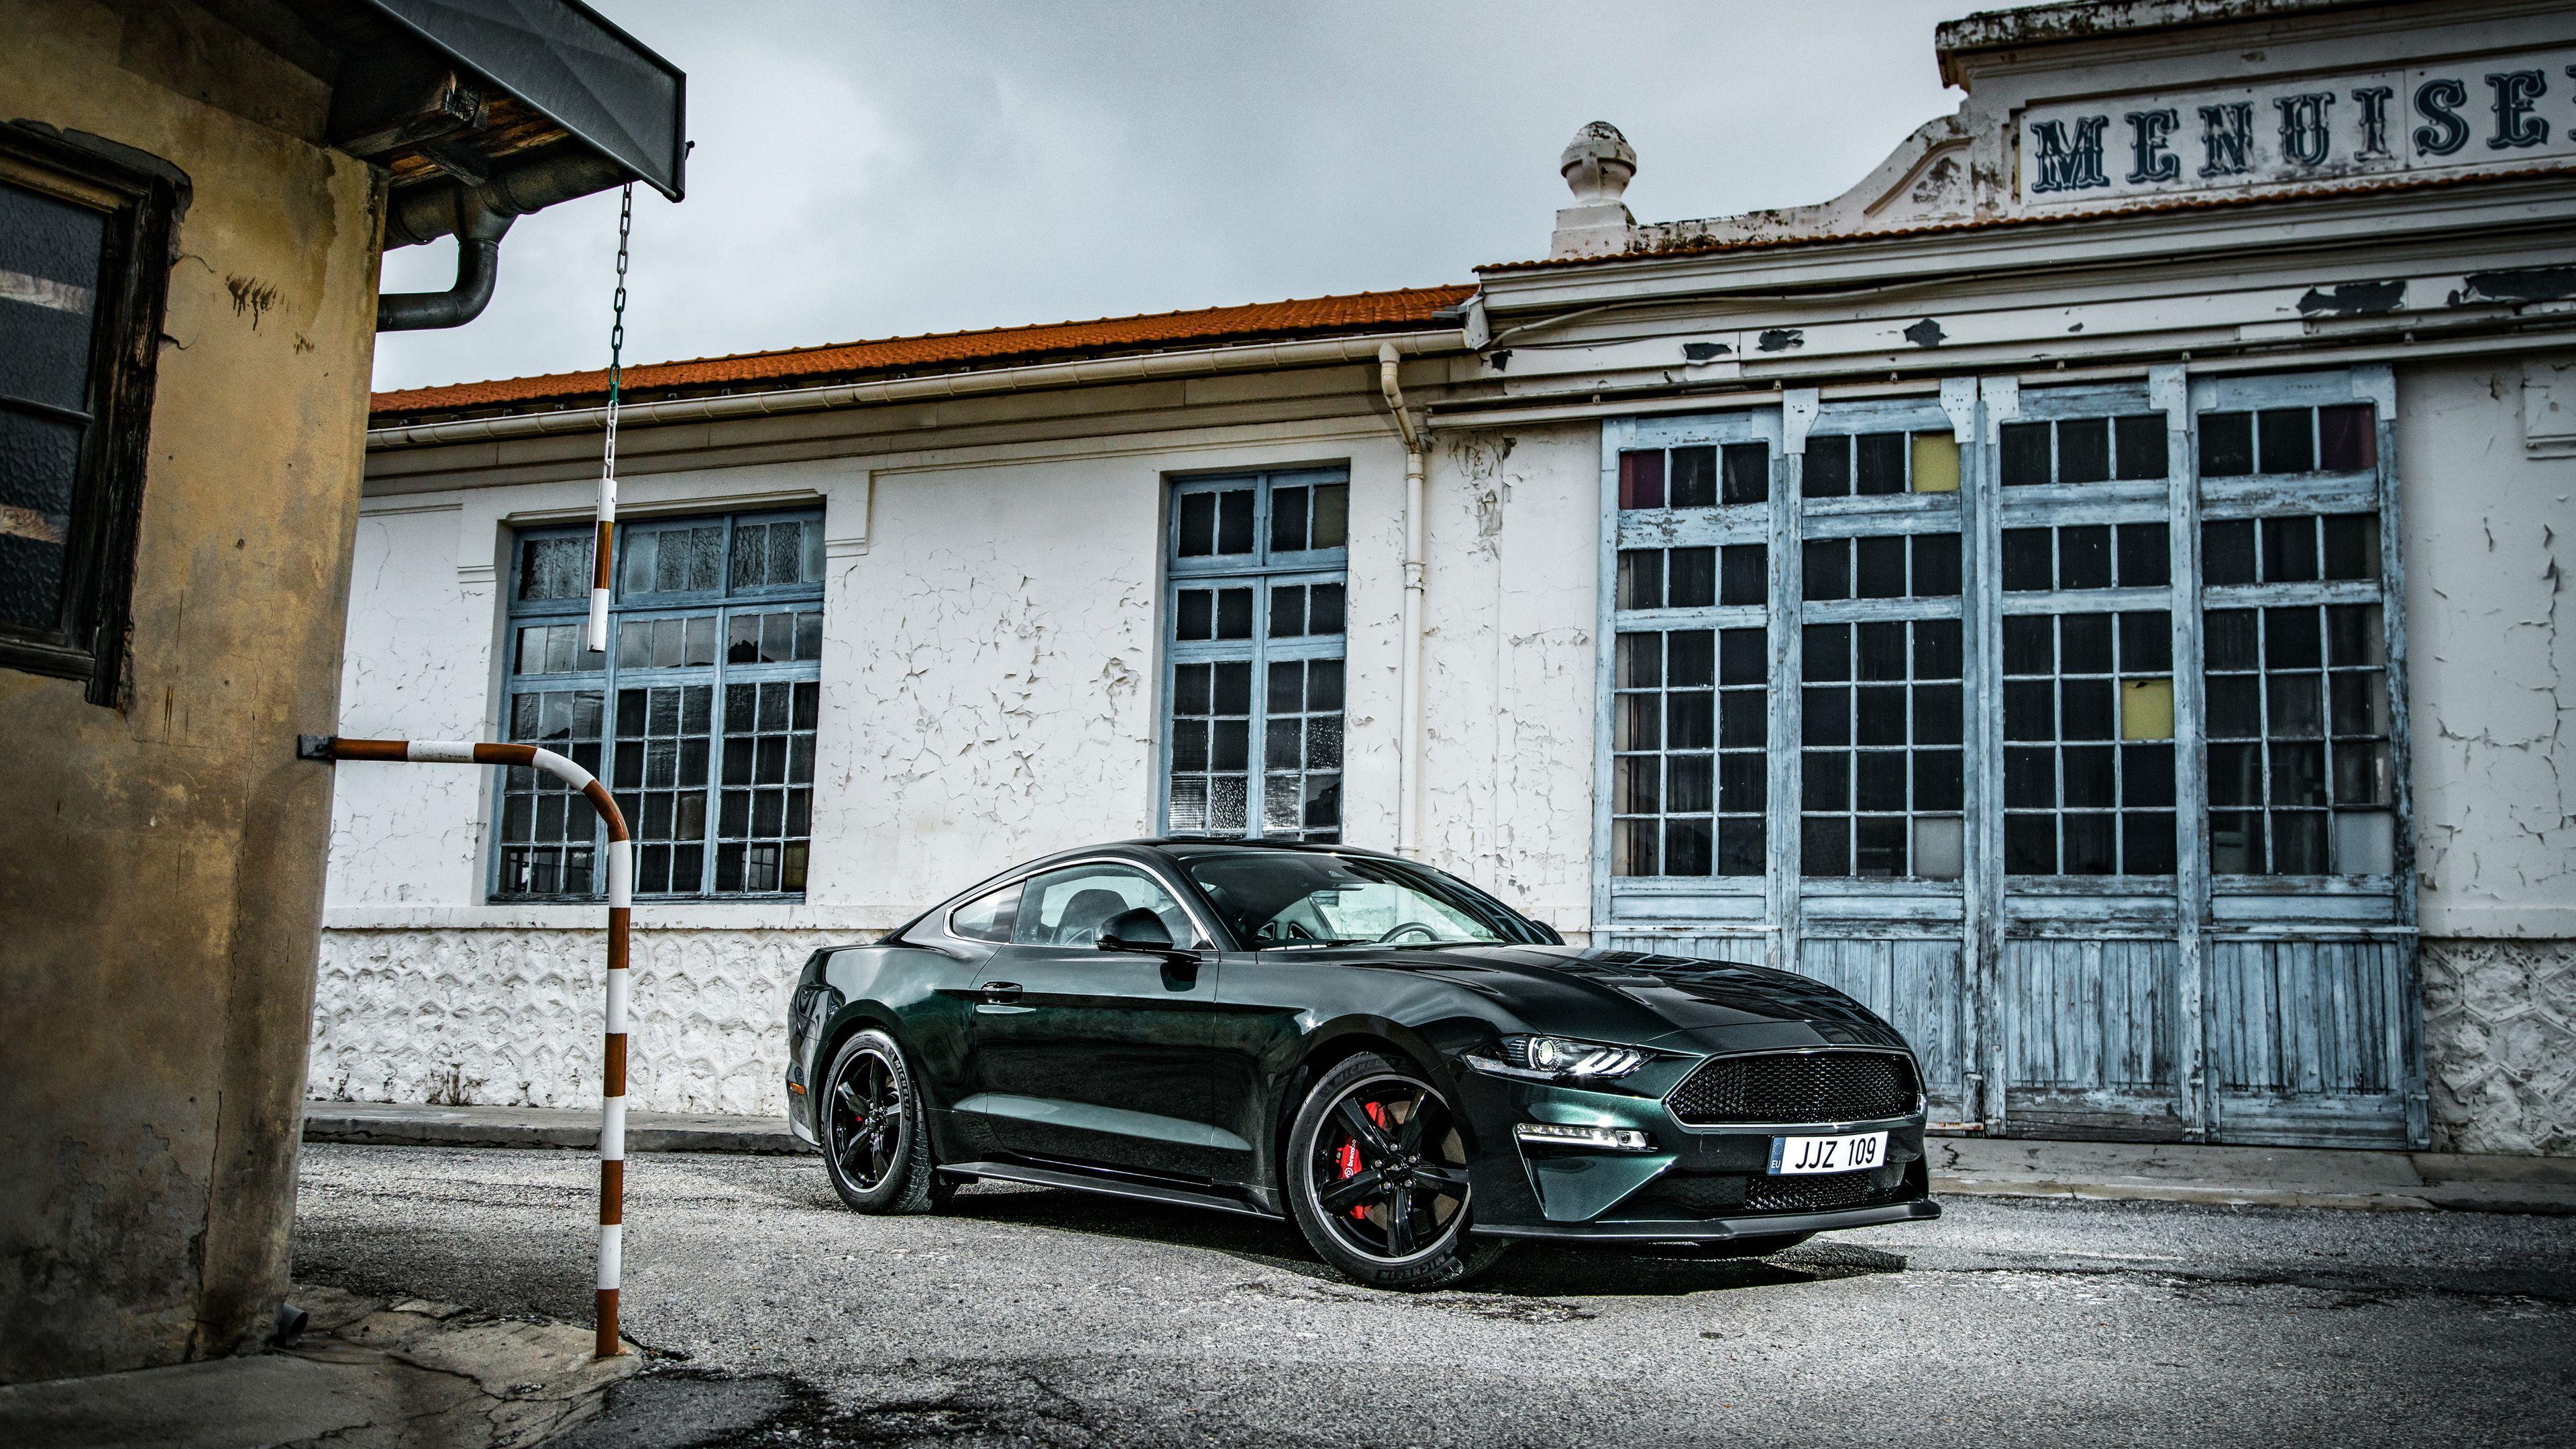 Wallpaper 4k 2018 Ford Mustang Bullitt 4k 2018 Cars Wallpapers 4k